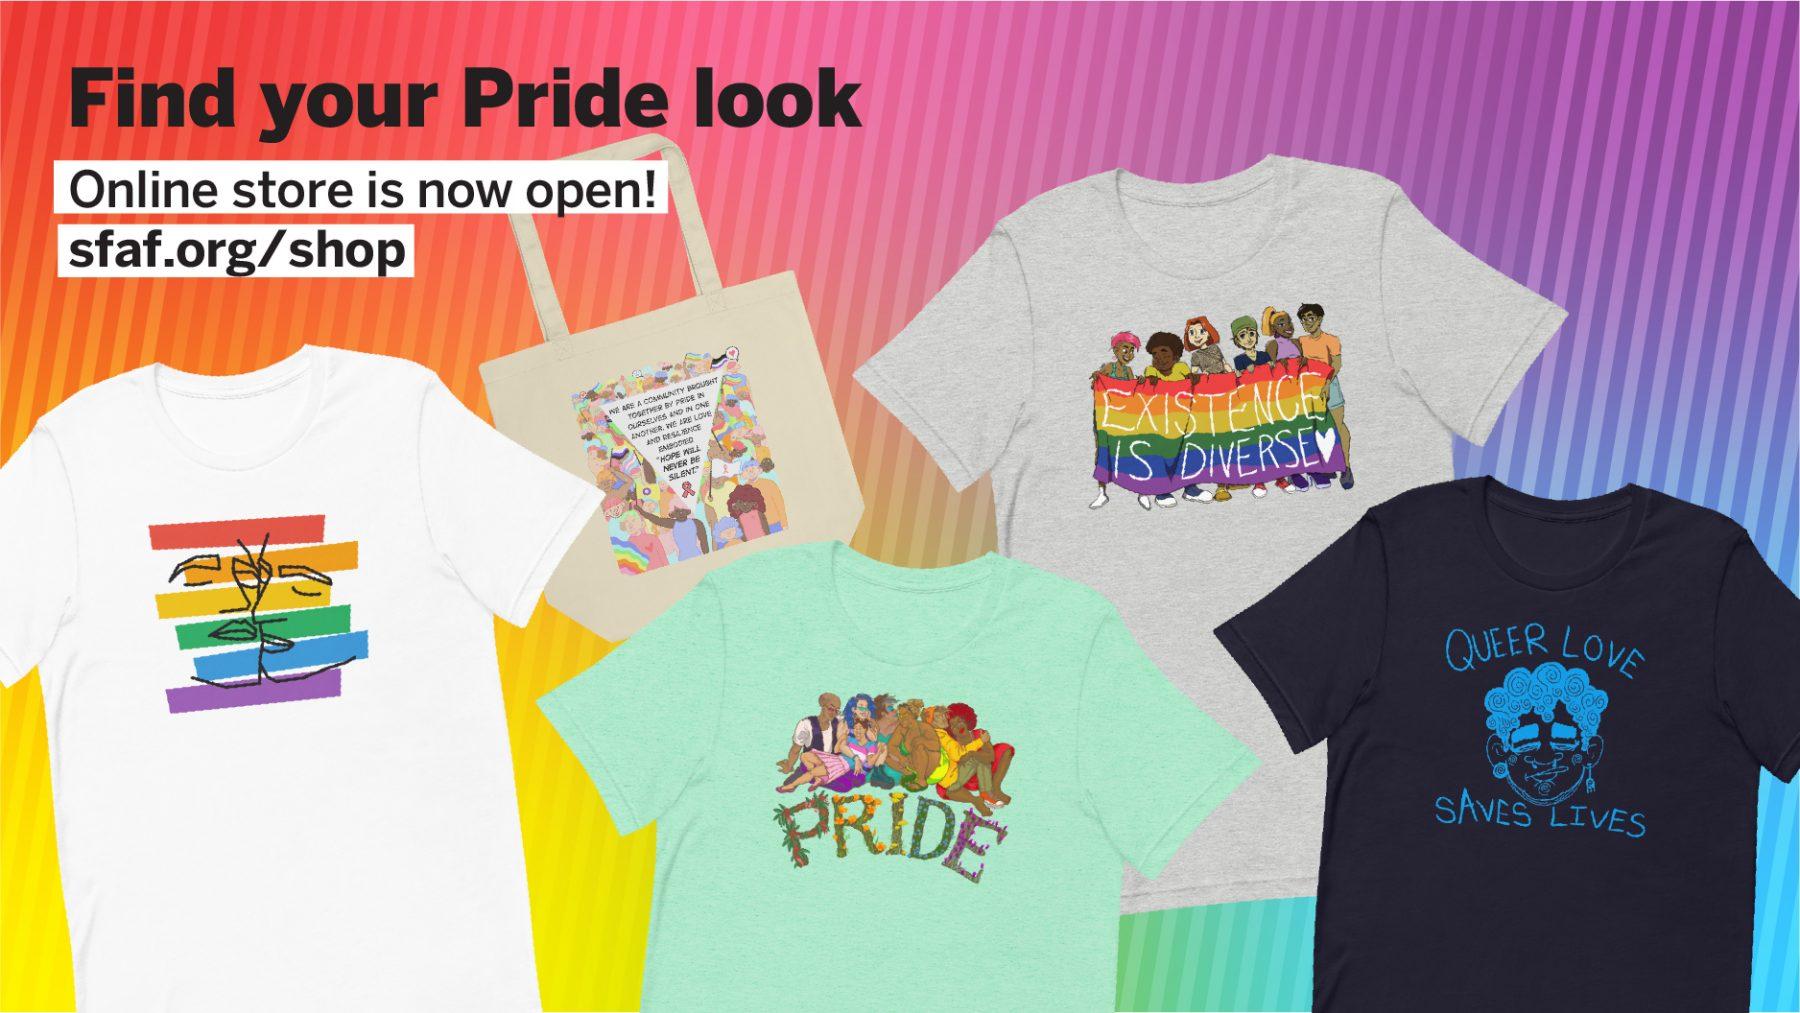 Pride store